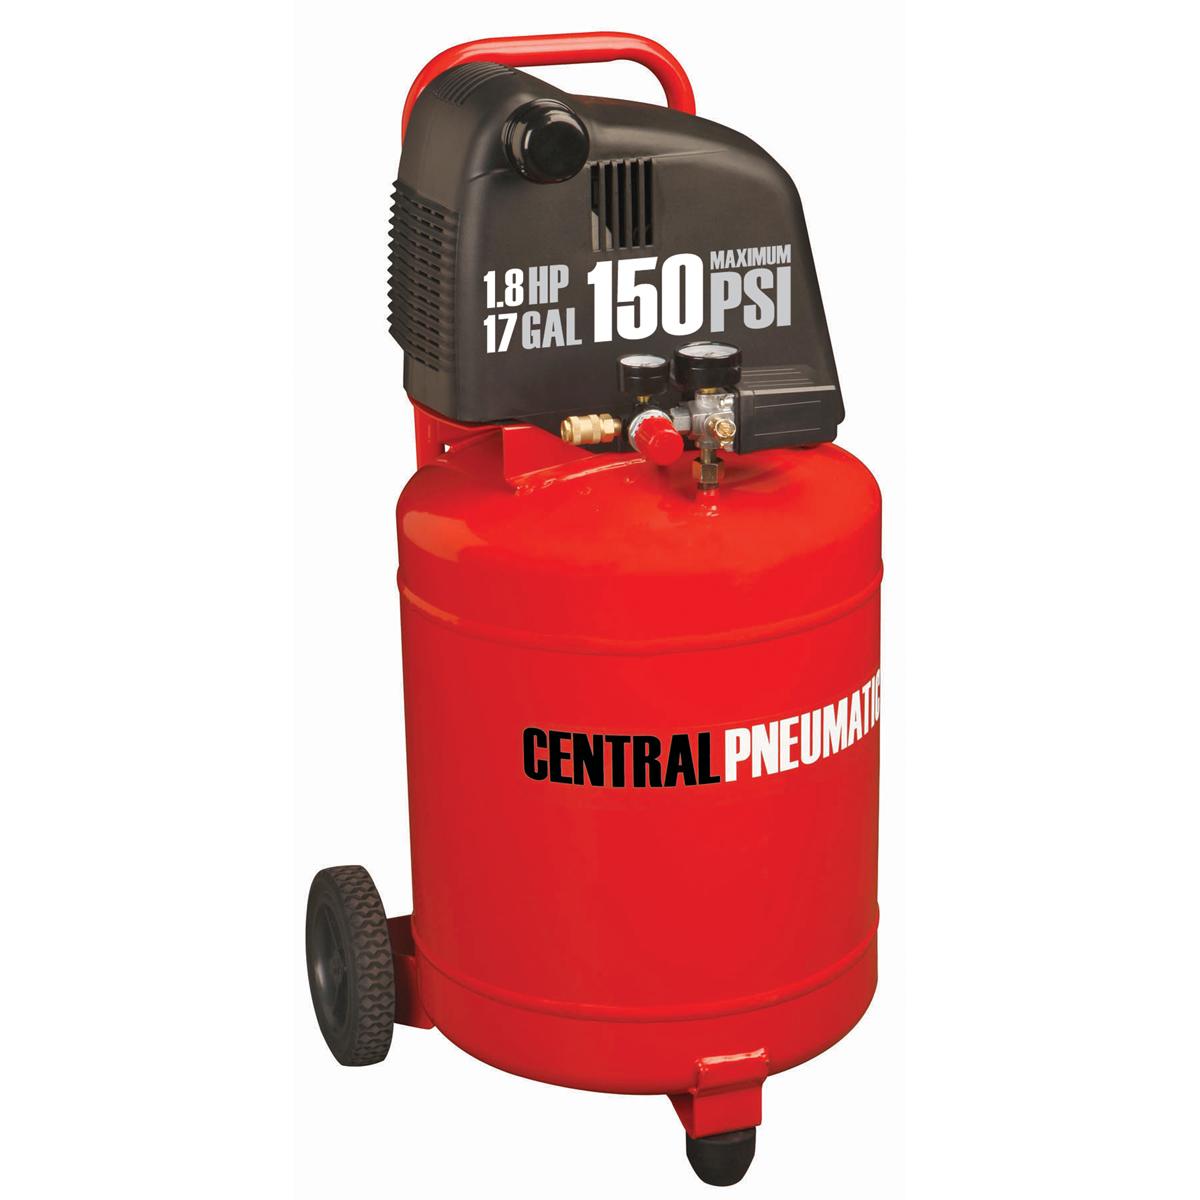 17 Gal 1 8 Hp 150 Psi Oil Free Air Compressor